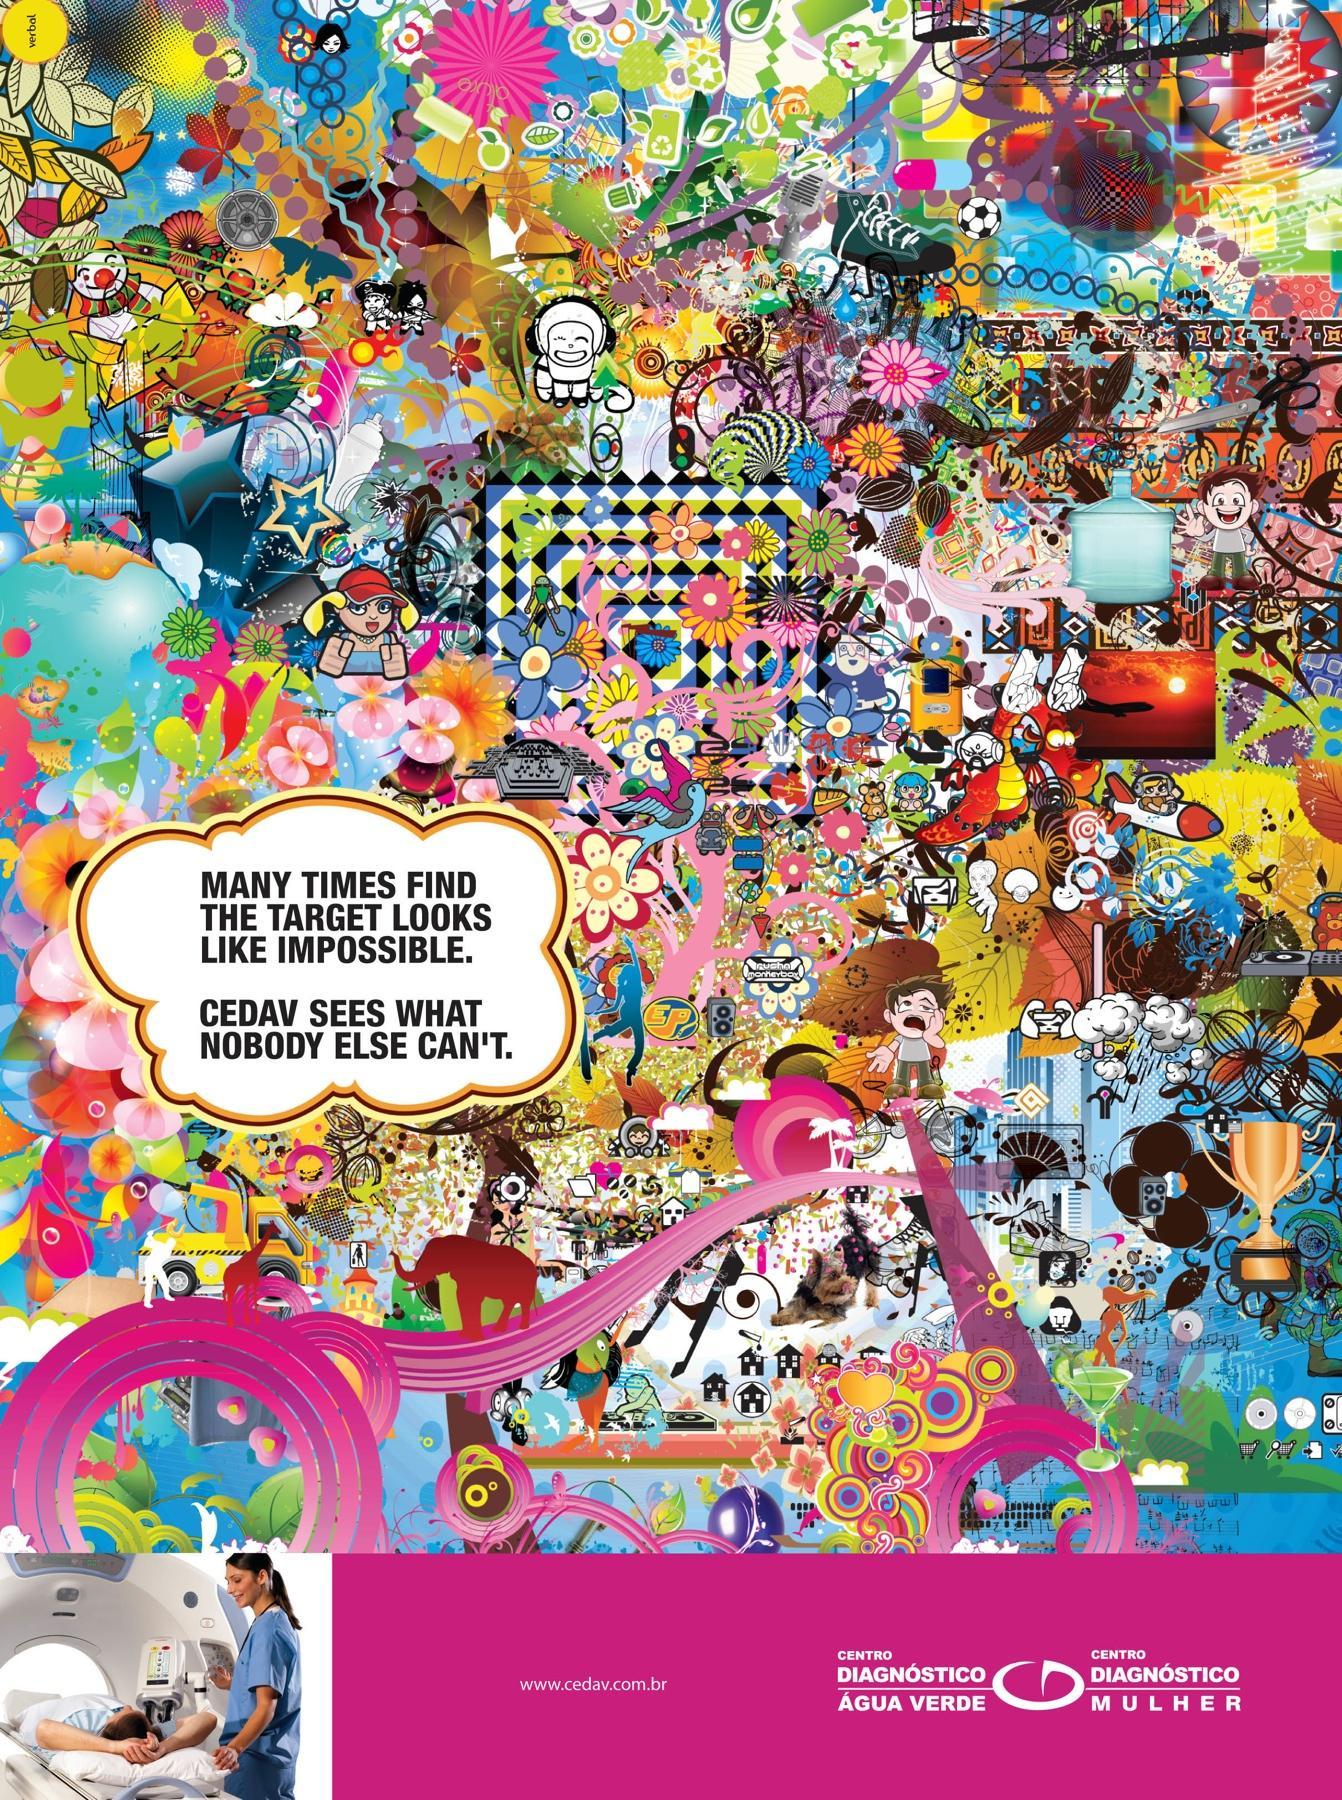 CEDAV Print Ad -  Many